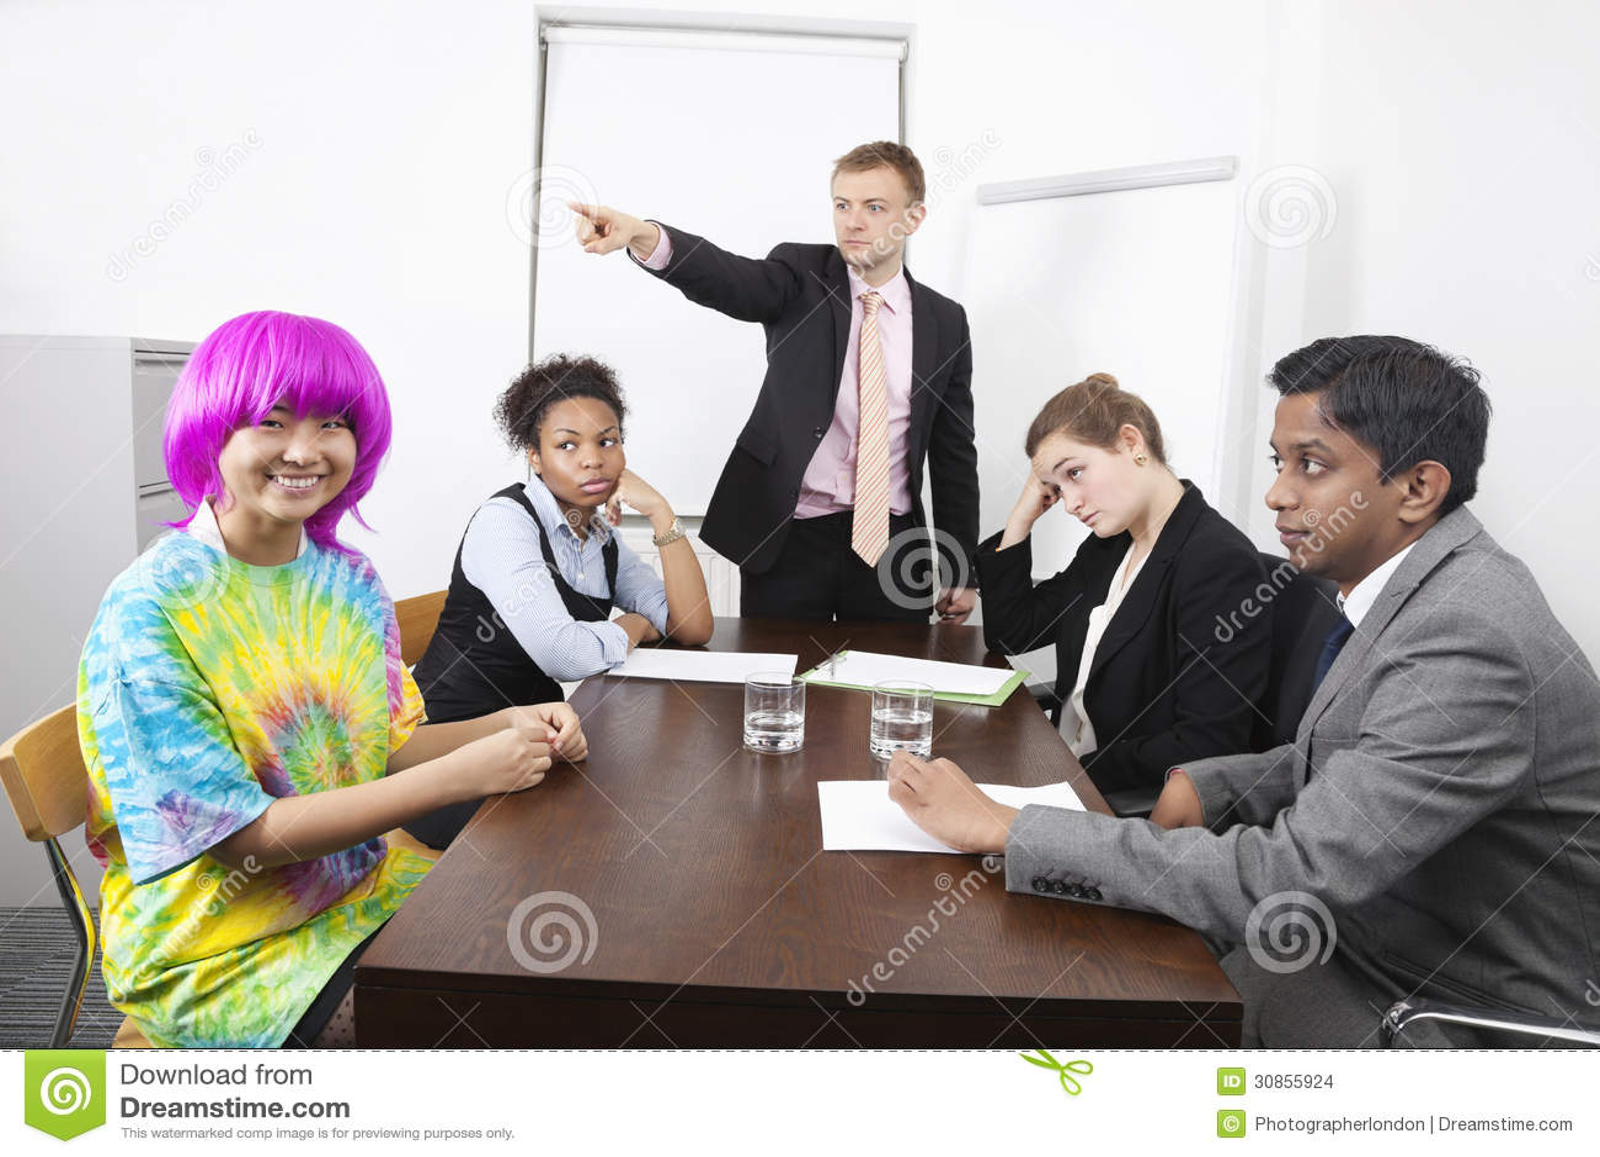 Verärgerte multiethnische Wirtschaftler mit Kollegen in der rosa Perücke bei der Sitzung